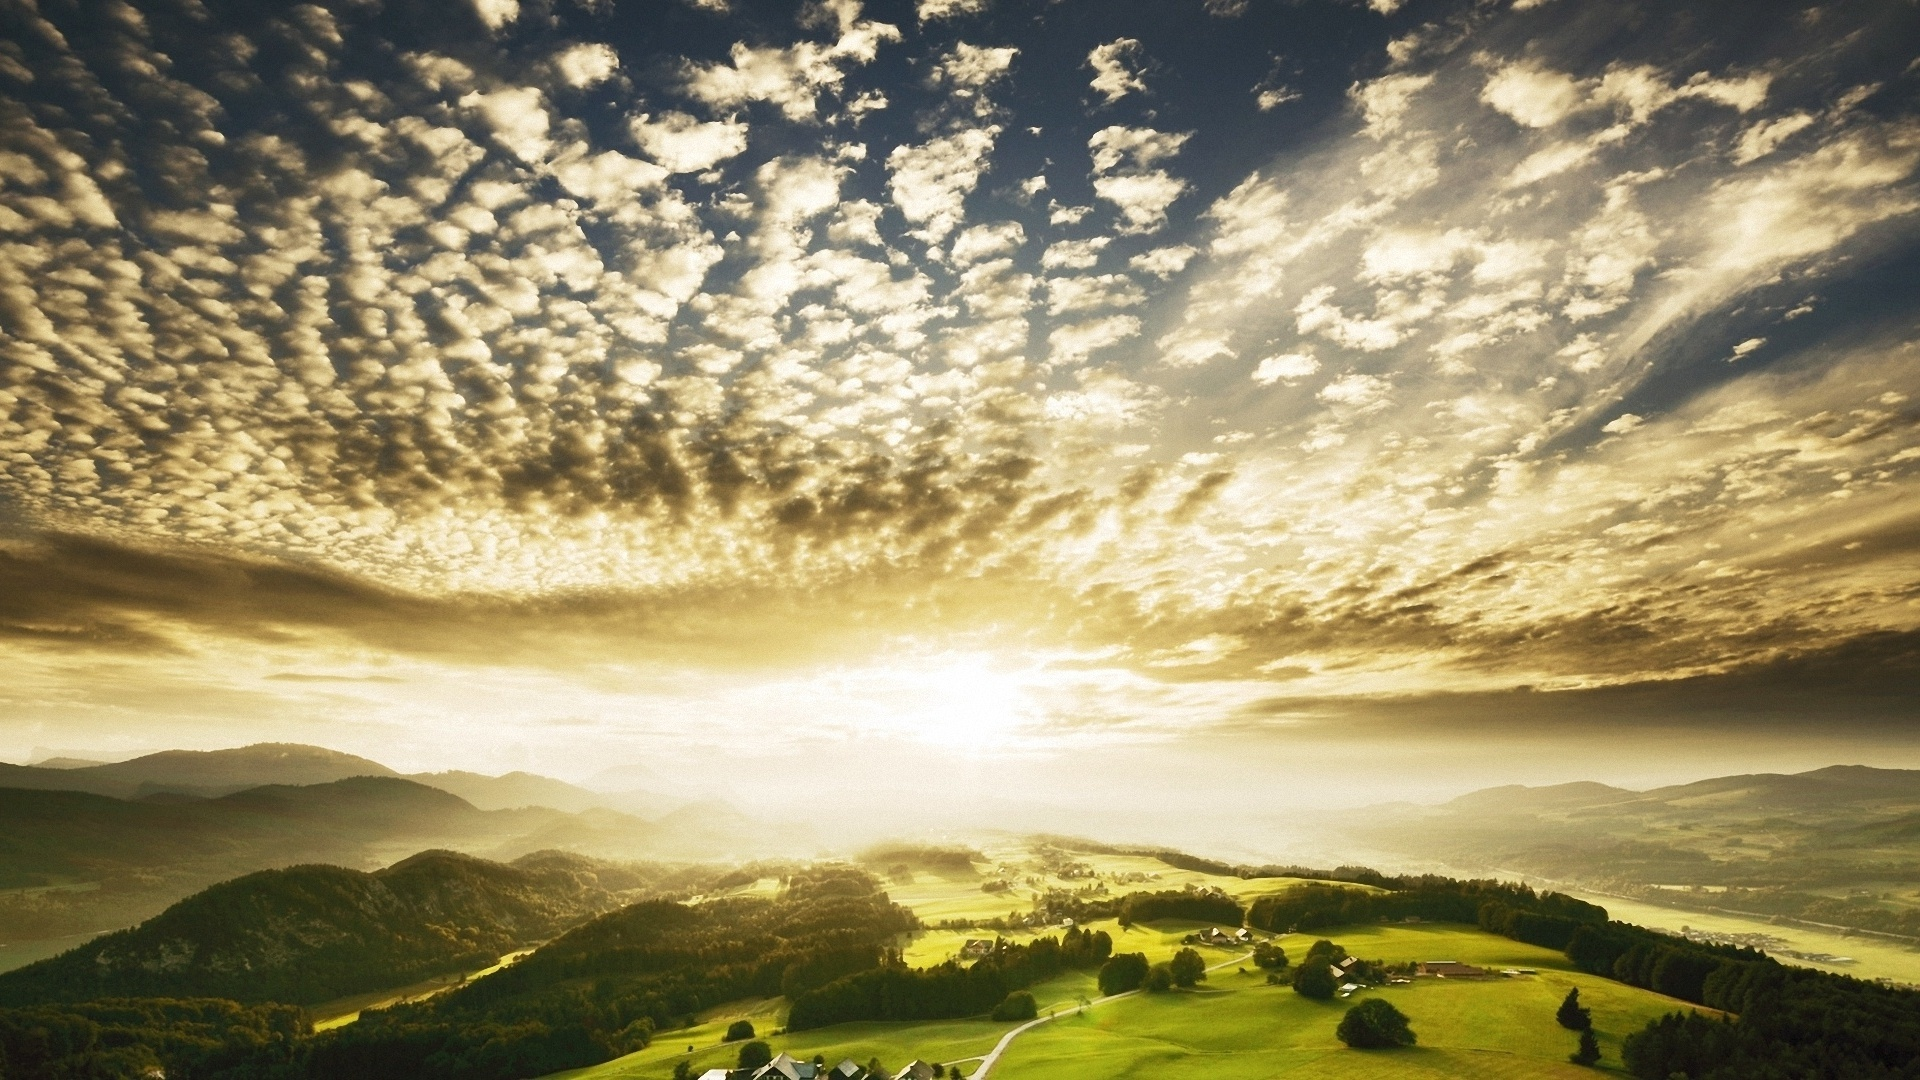 27695 скачать обои Пейзаж, Закат, Поля, Облака - заставки и картинки бесплатно